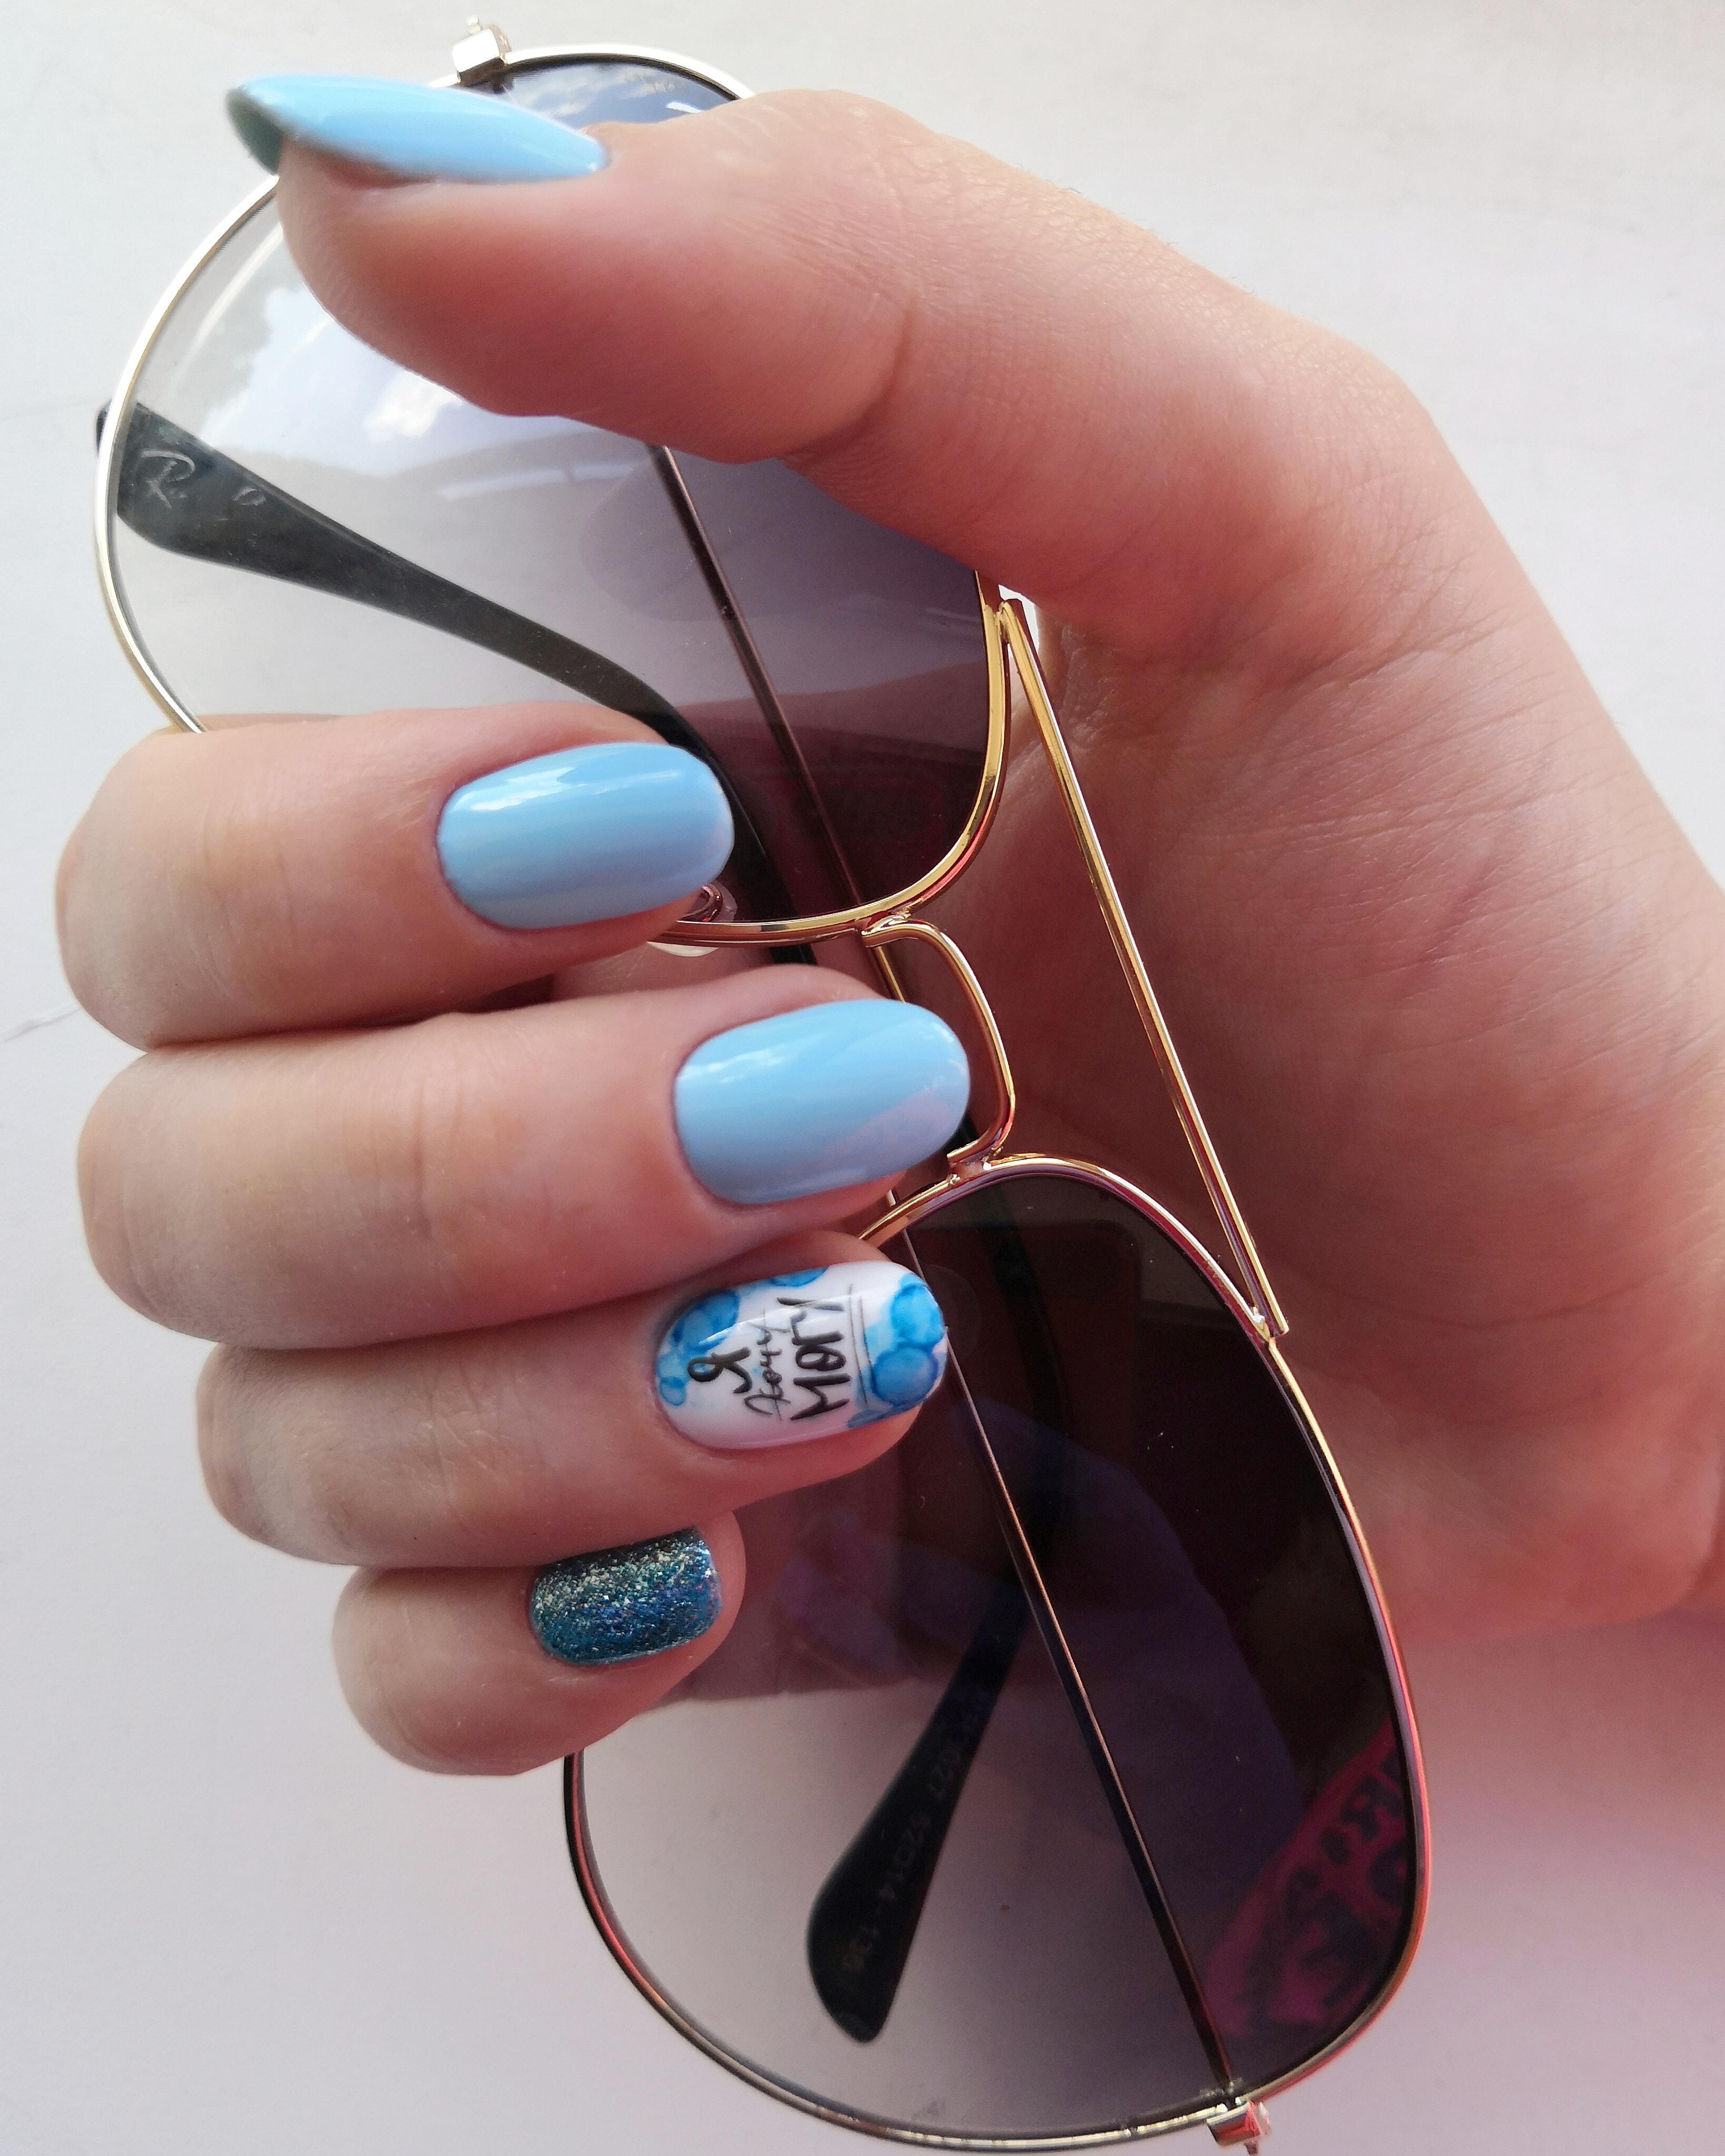 Маникюр с надписями и блестками в голубом цвете на короткие ногти.